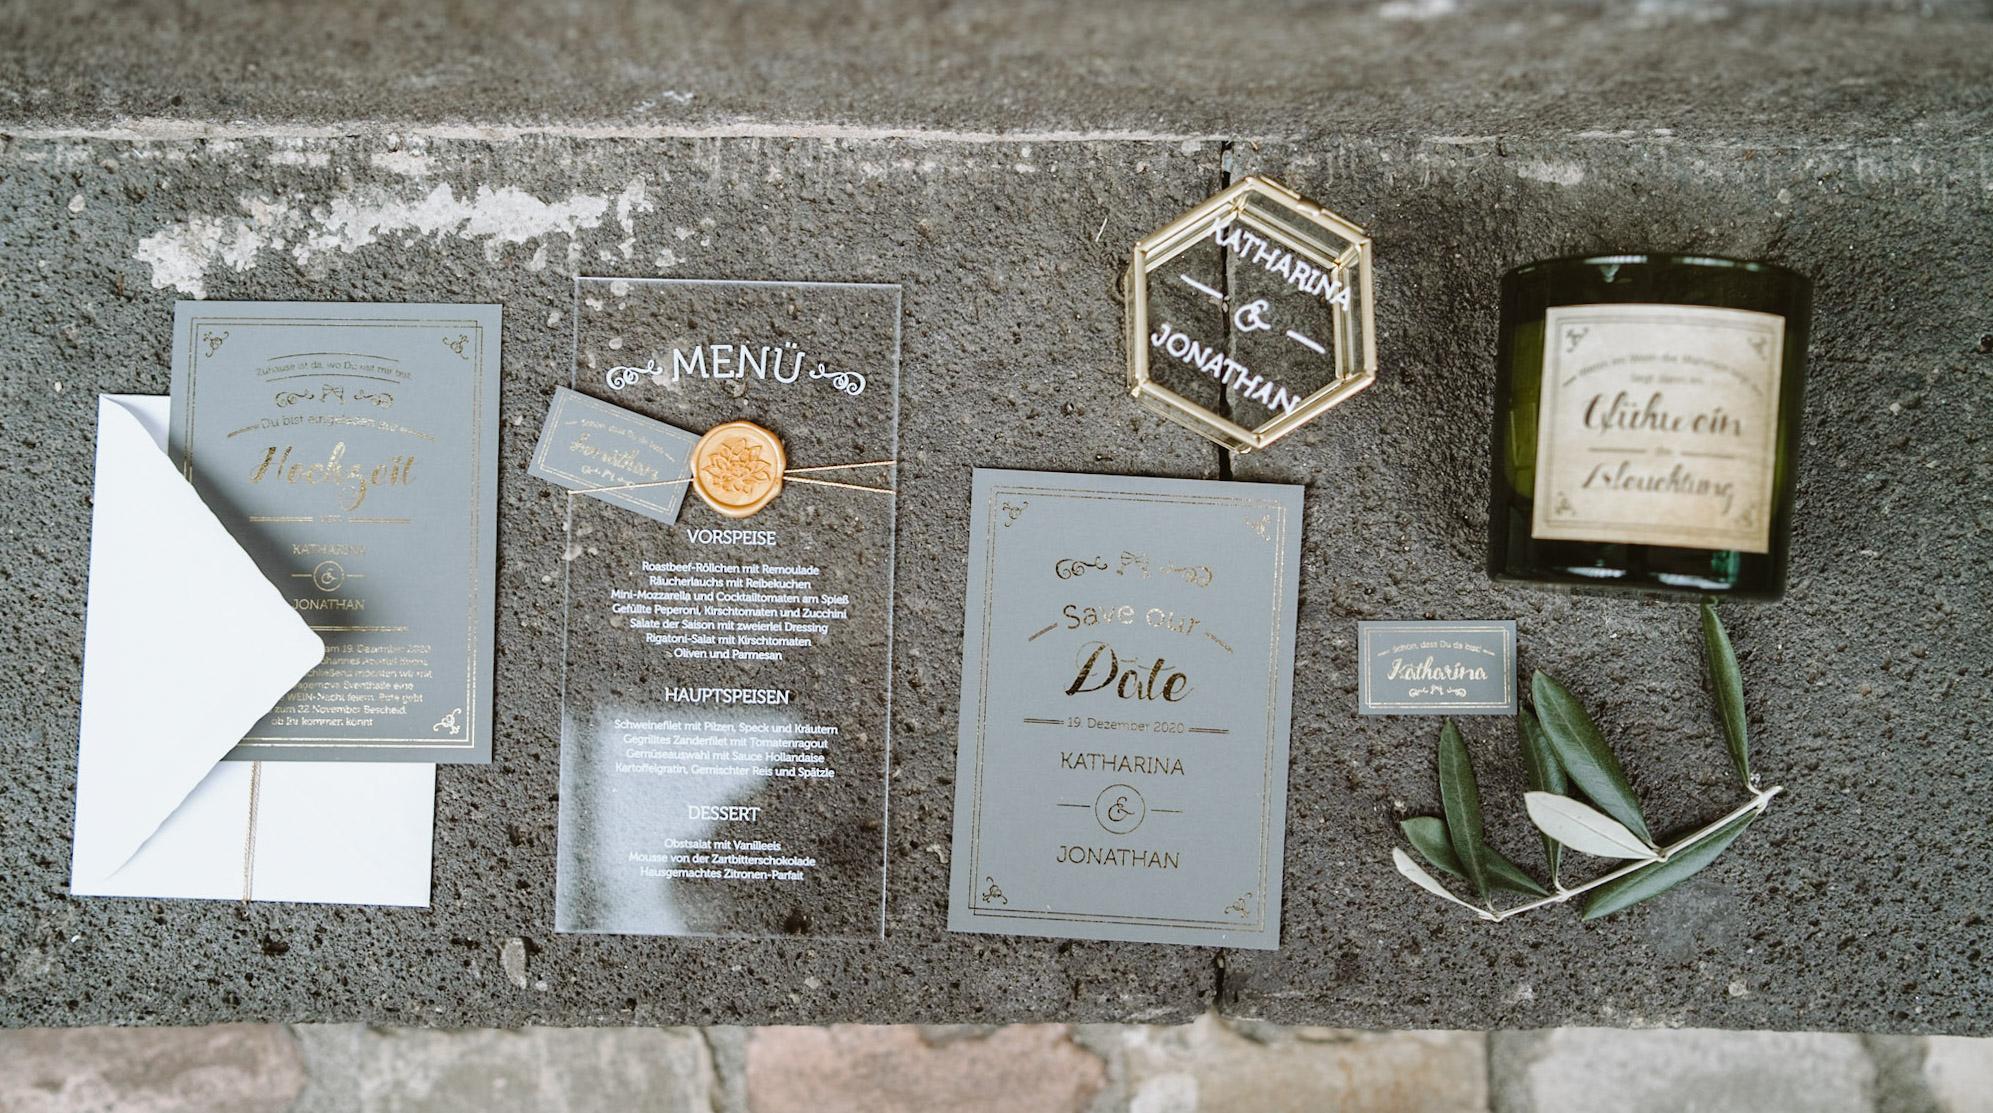 Papeterie, Hochzeitspapeterie, Winterhochzeit, Einladung, gold, Namensschild, Menükarte, Save the Date, RIngbox, Gastgeschenk